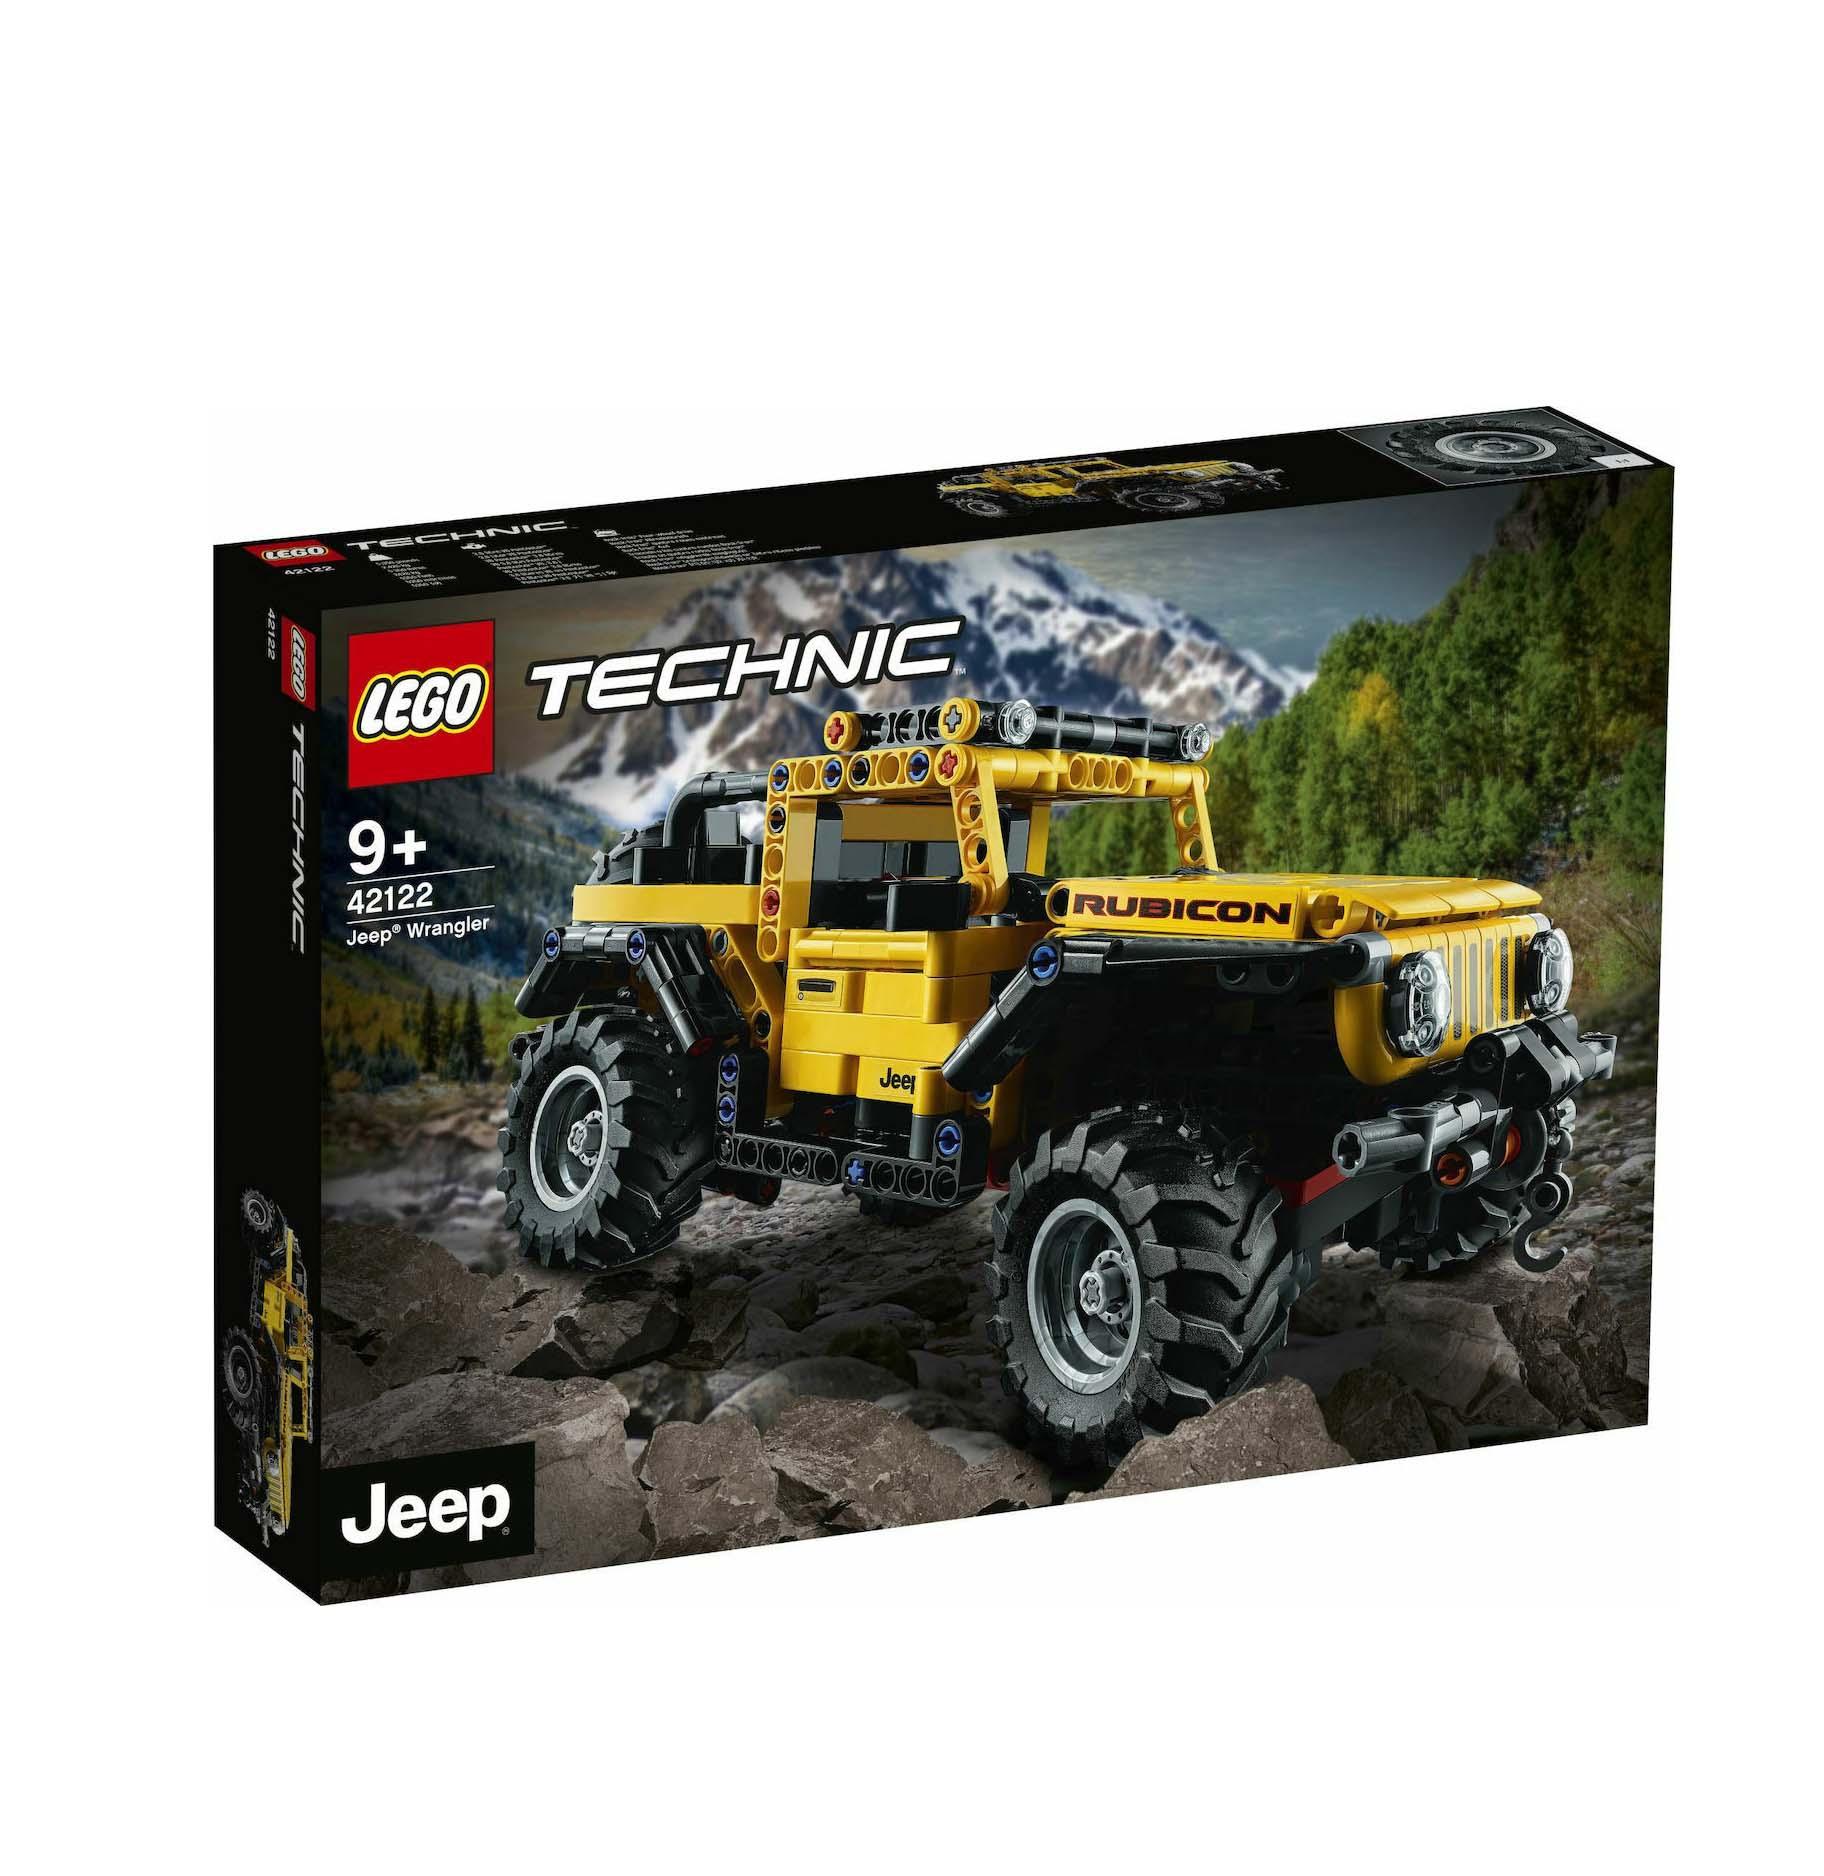 Lego Technic: Jeep Wrangler 42122